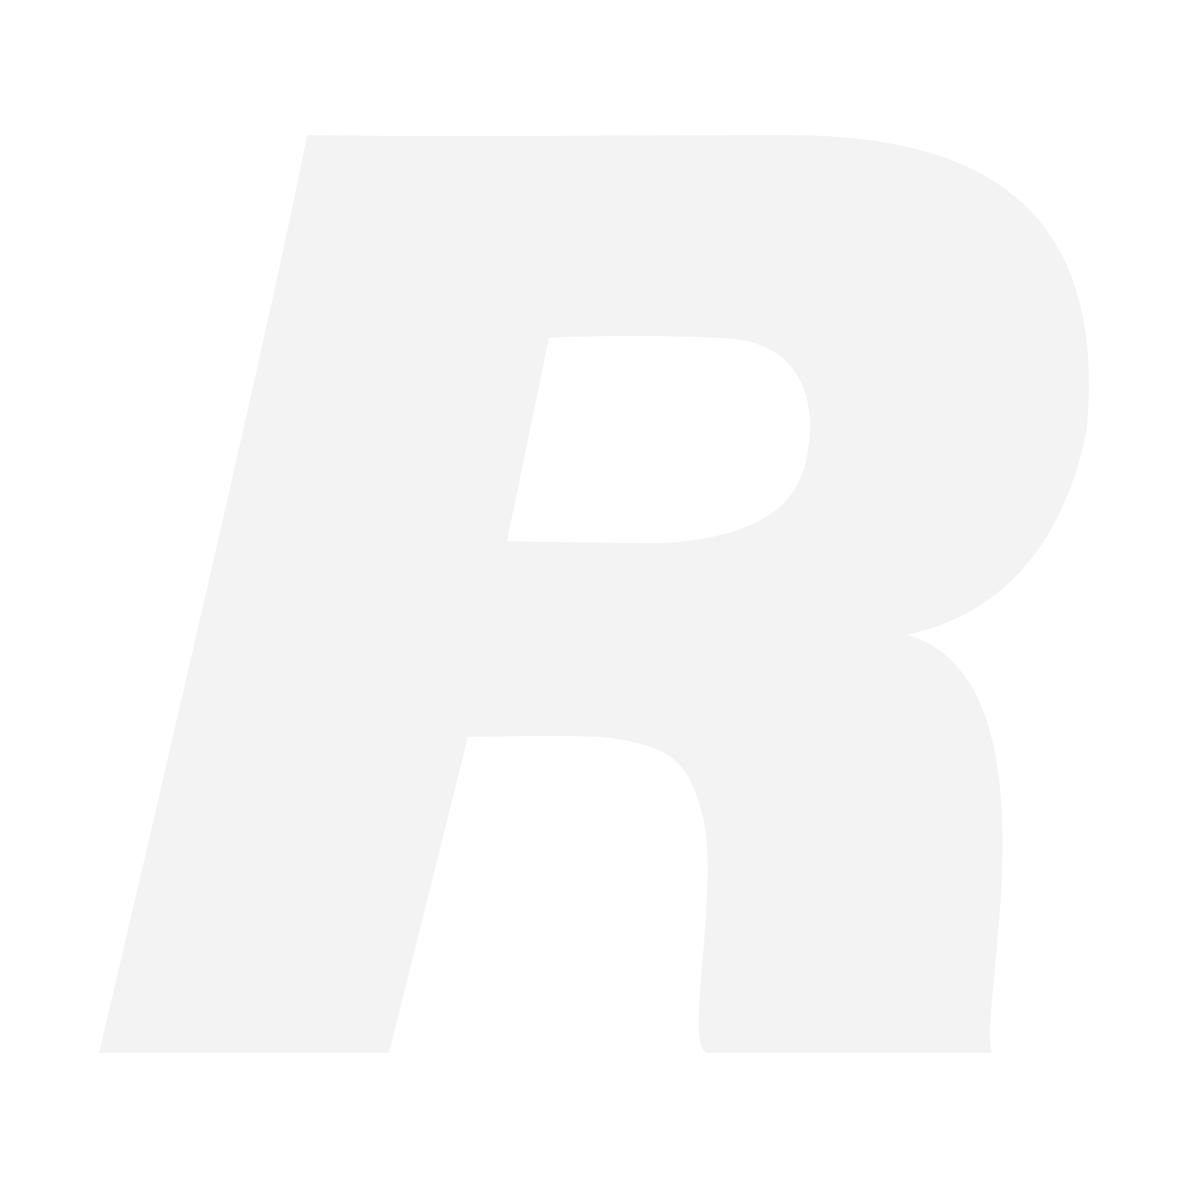 Osta Sony A7R Mark III -järjestelmäkamera, anna vaihdossa Sony A7S Mark II